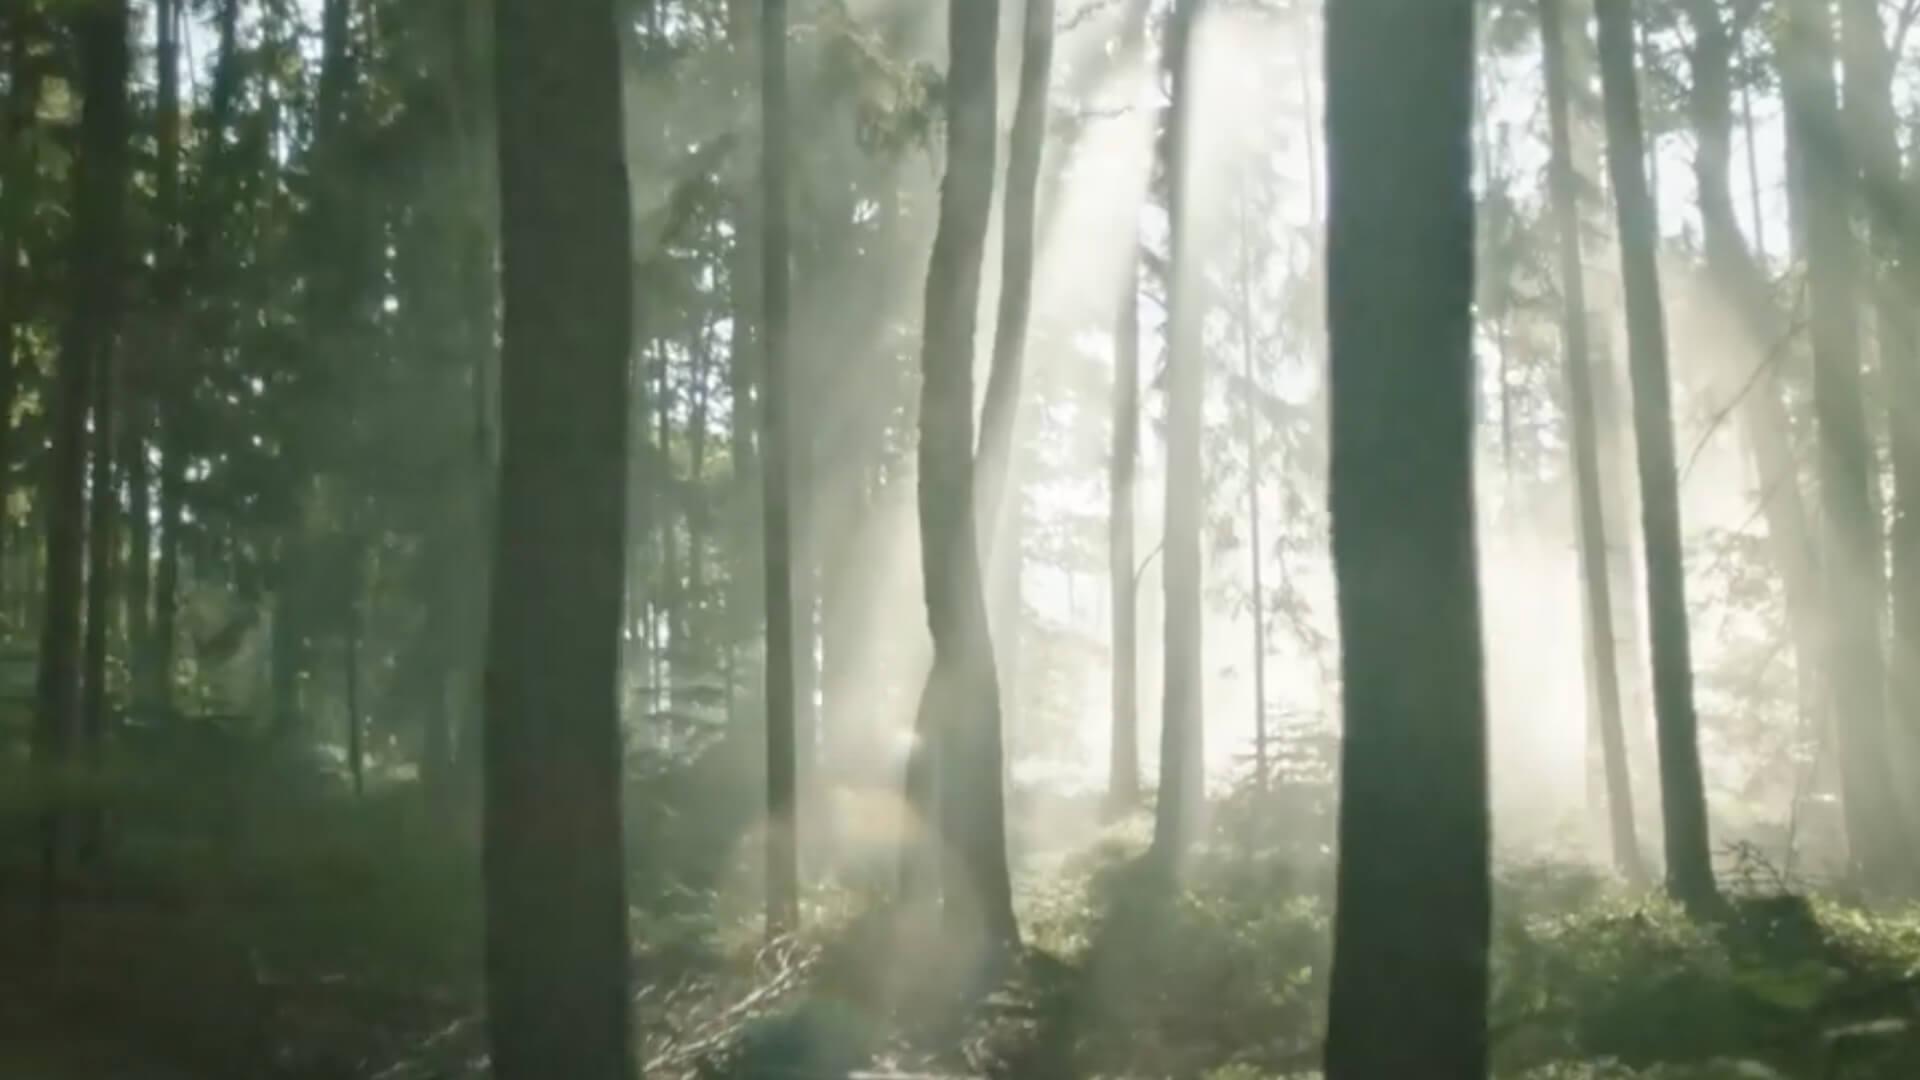 Rajec - Pohyb. Patentováno přírodou